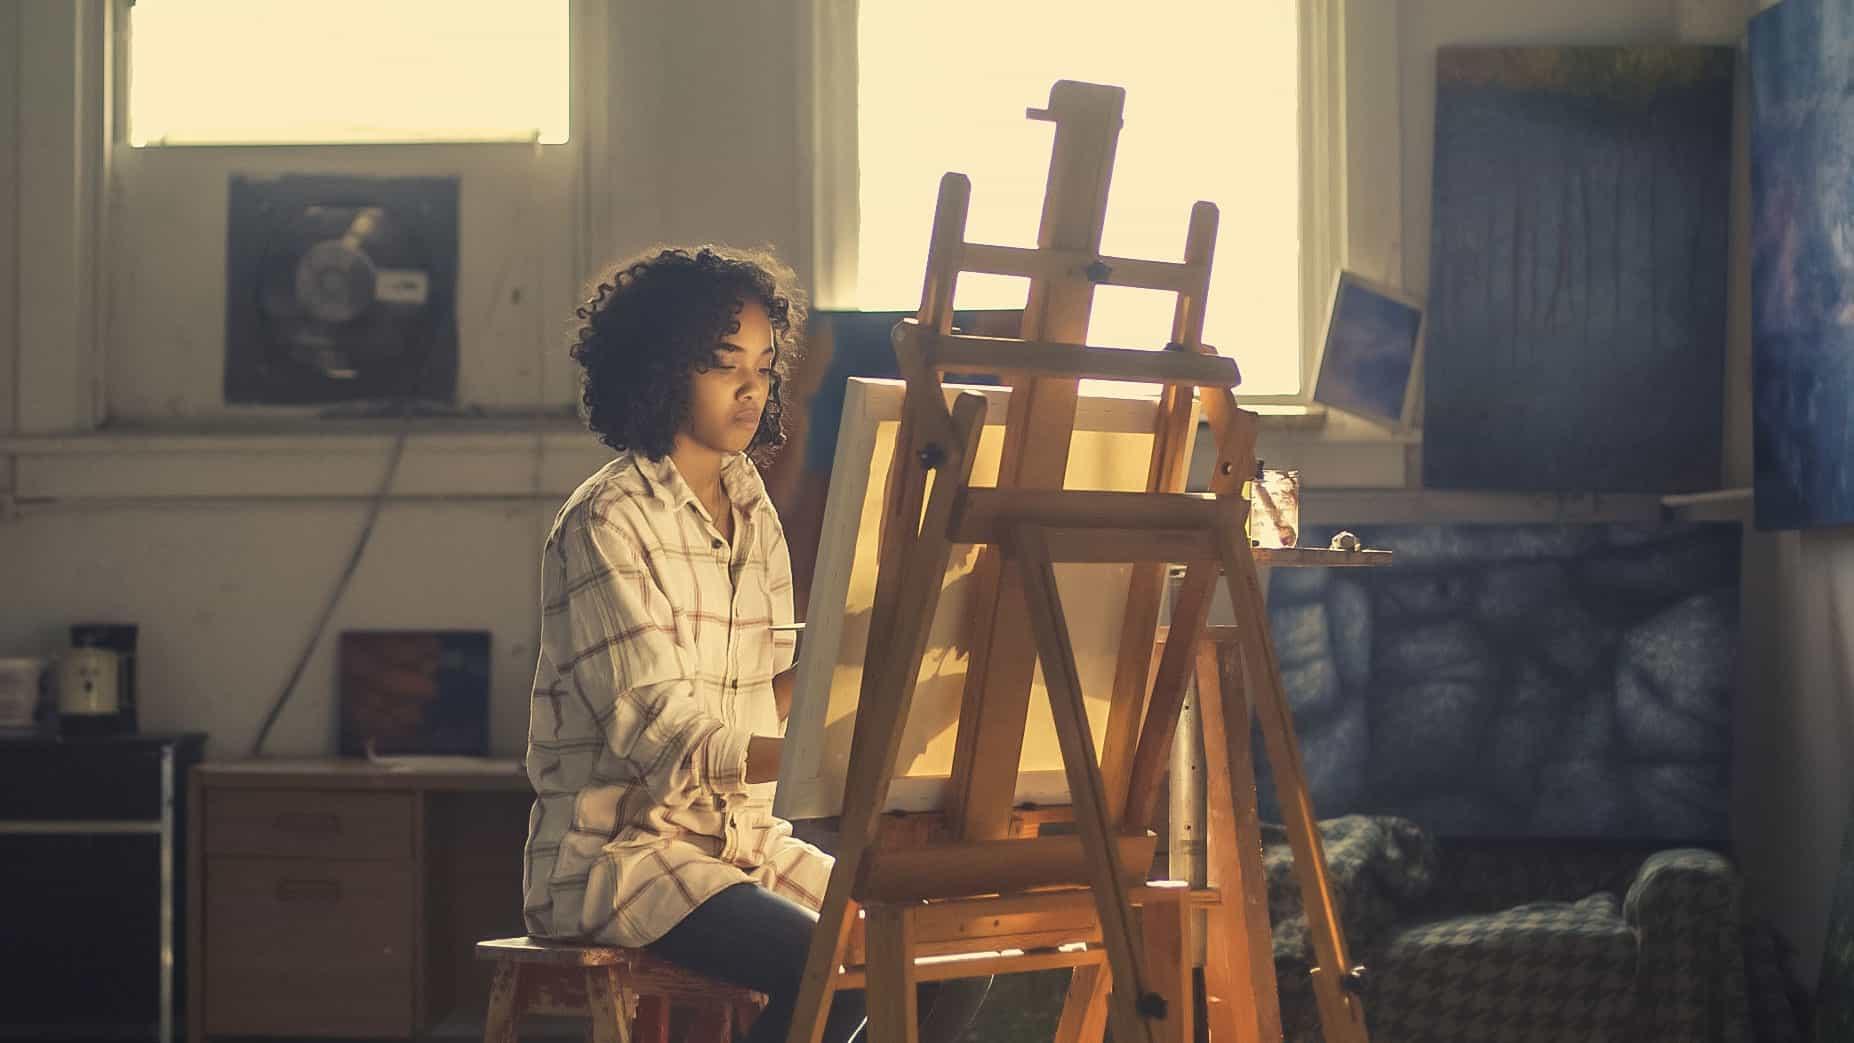 Descubre el mejor base del arte para satisfacer sus necesidades - sea cual sea su presupuesto, edad o nivel de habilidad.